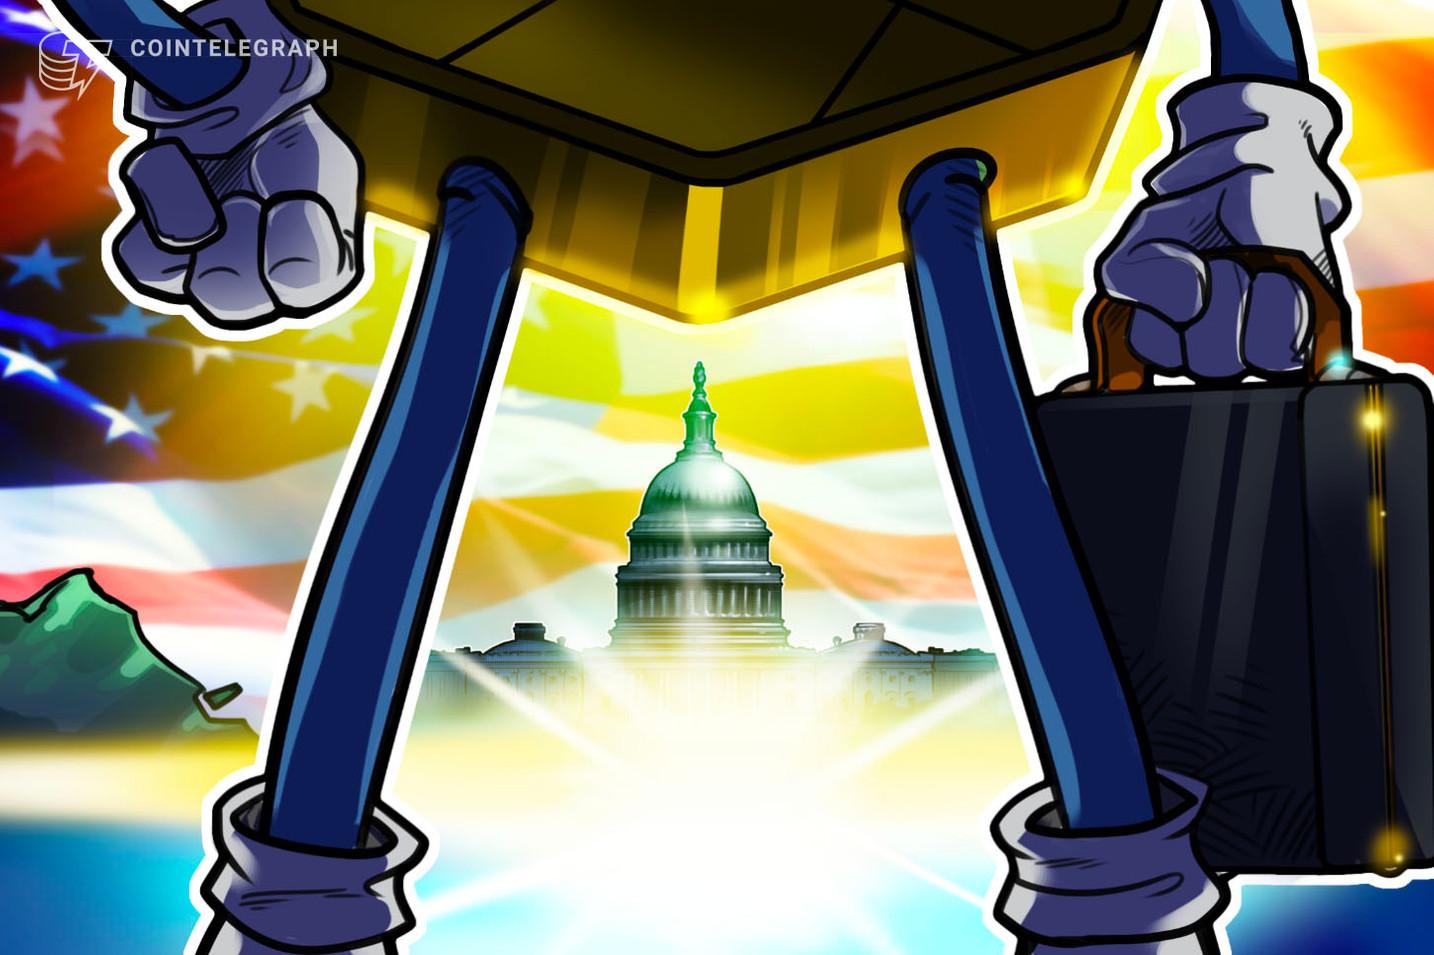 Las criptomonedas eclipsan otros pagos móviles en la audiencia del Congreso de los EE.UU.